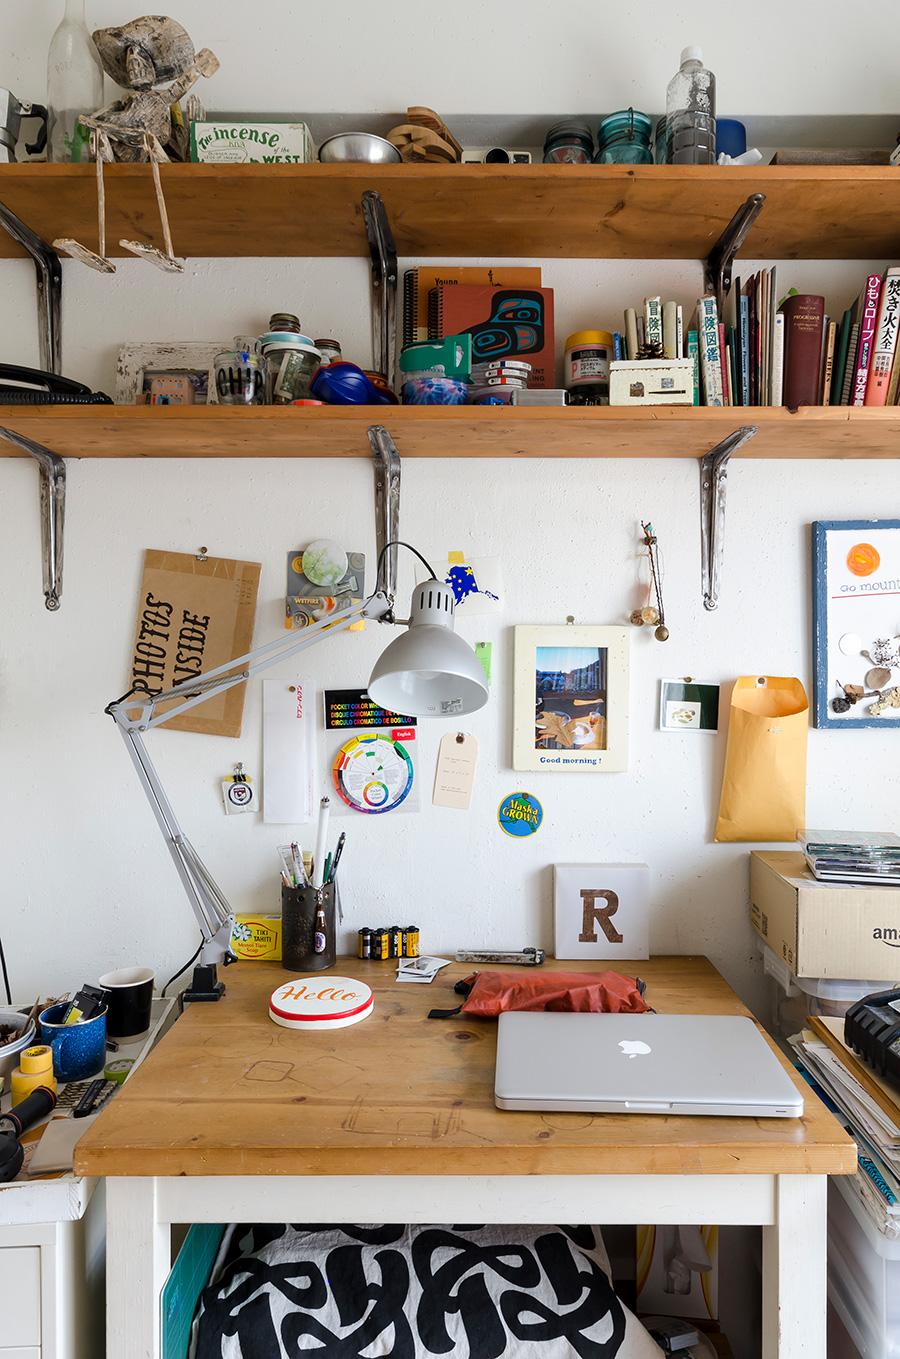 麻由子さんの作業机。他の場所にもアトリエを持つ。古材を使ったカッティングボードなどを制作。